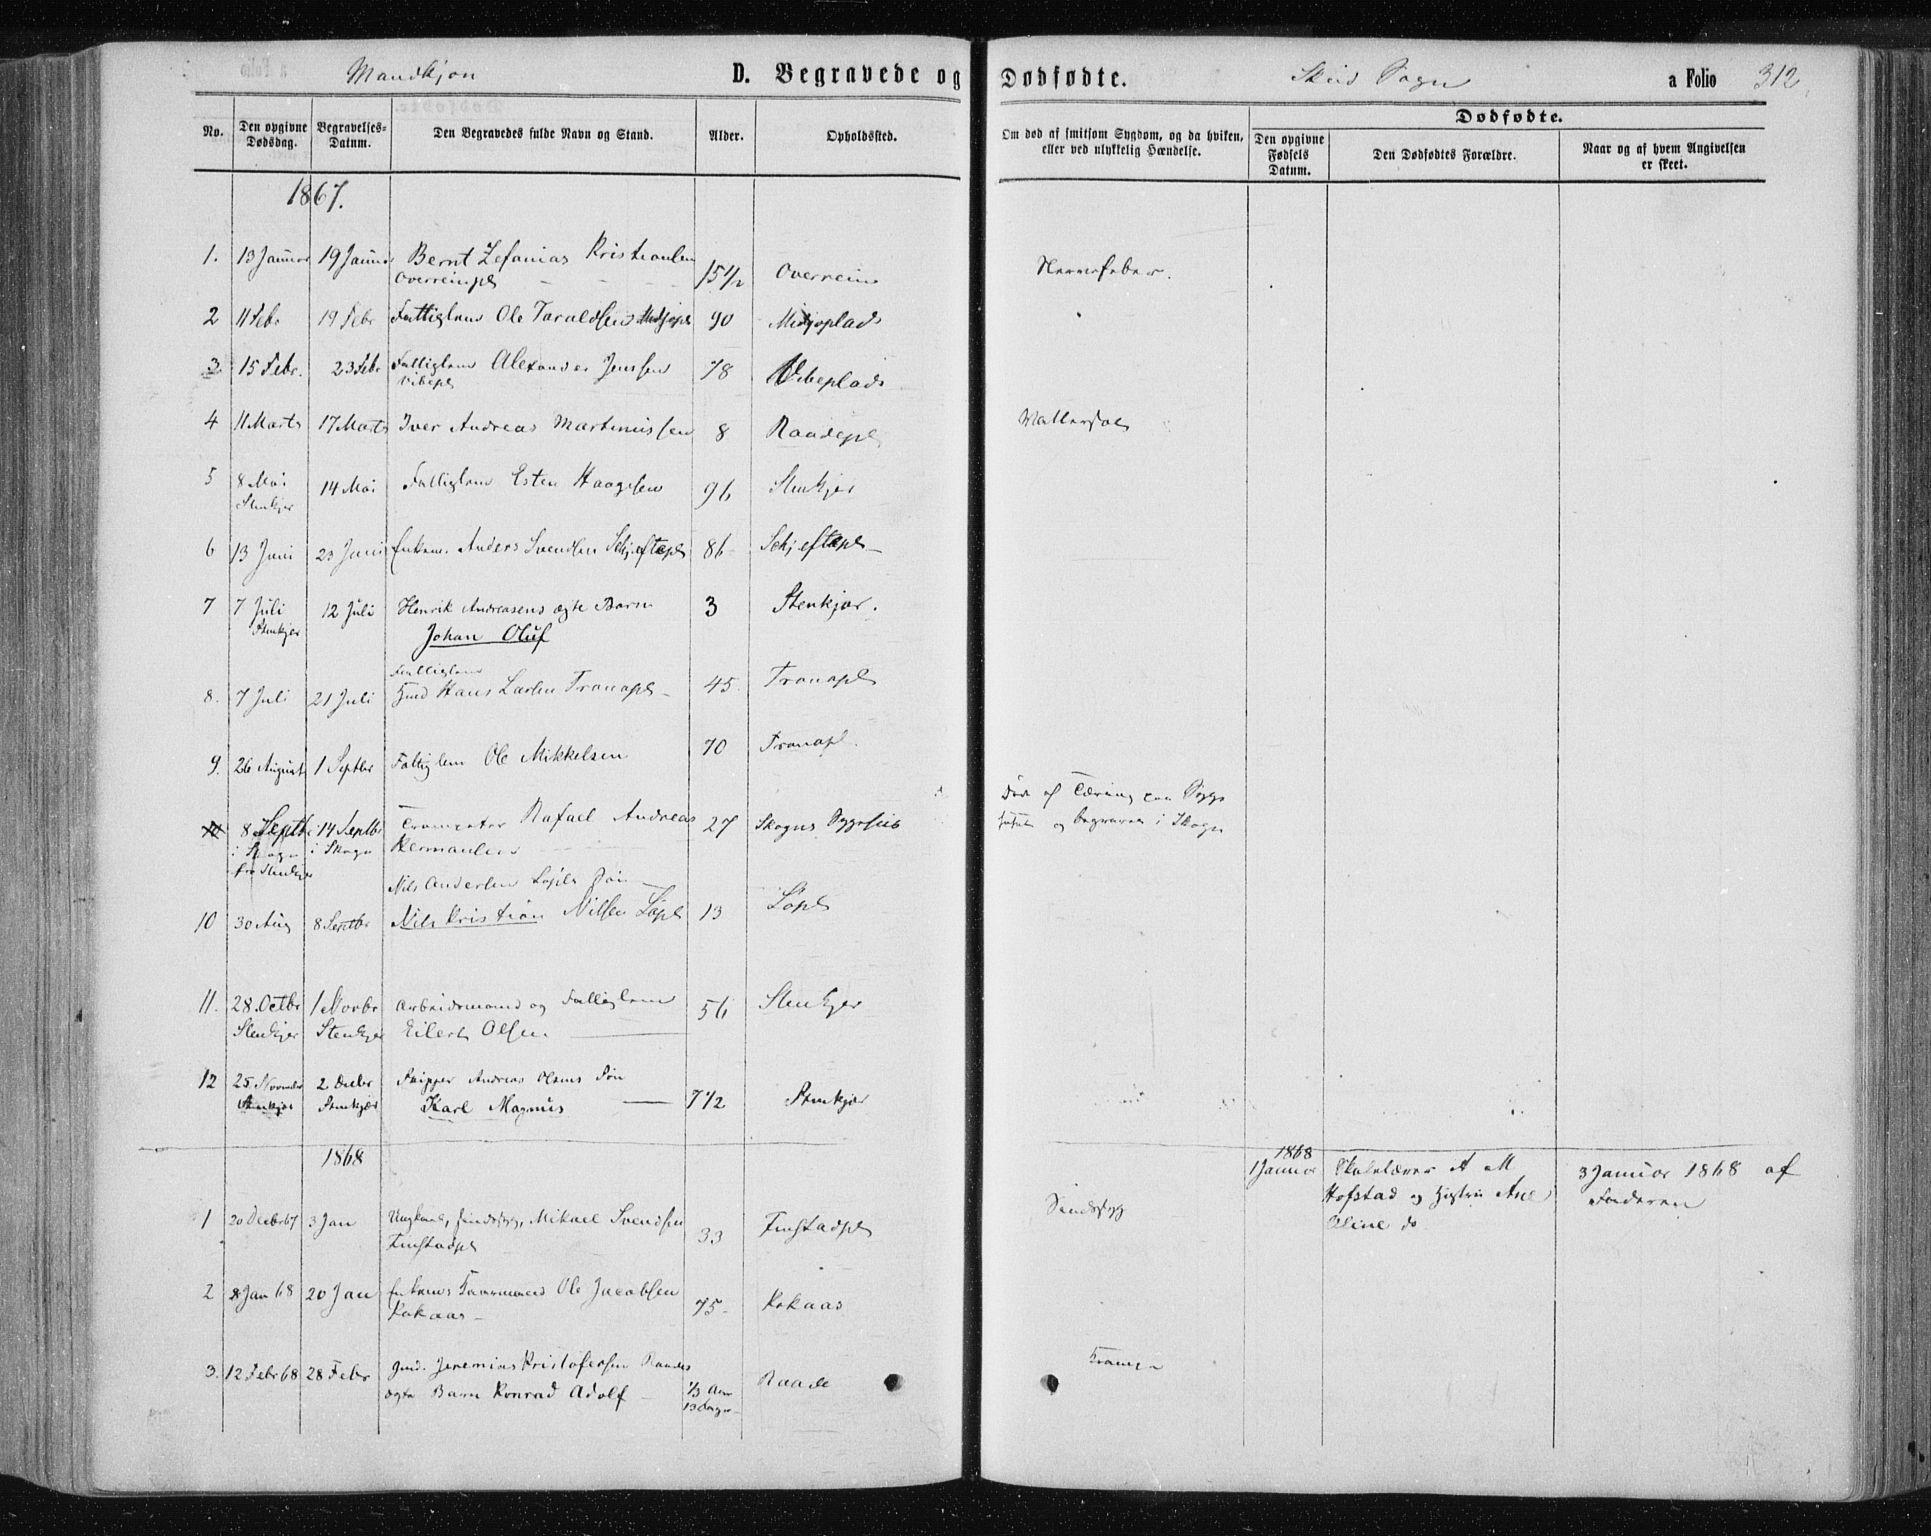 SAT, Ministerialprotokoller, klokkerbøker og fødselsregistre - Nord-Trøndelag, 735/L0345: Ministerialbok nr. 735A08 /2, 1863-1872, s. 312